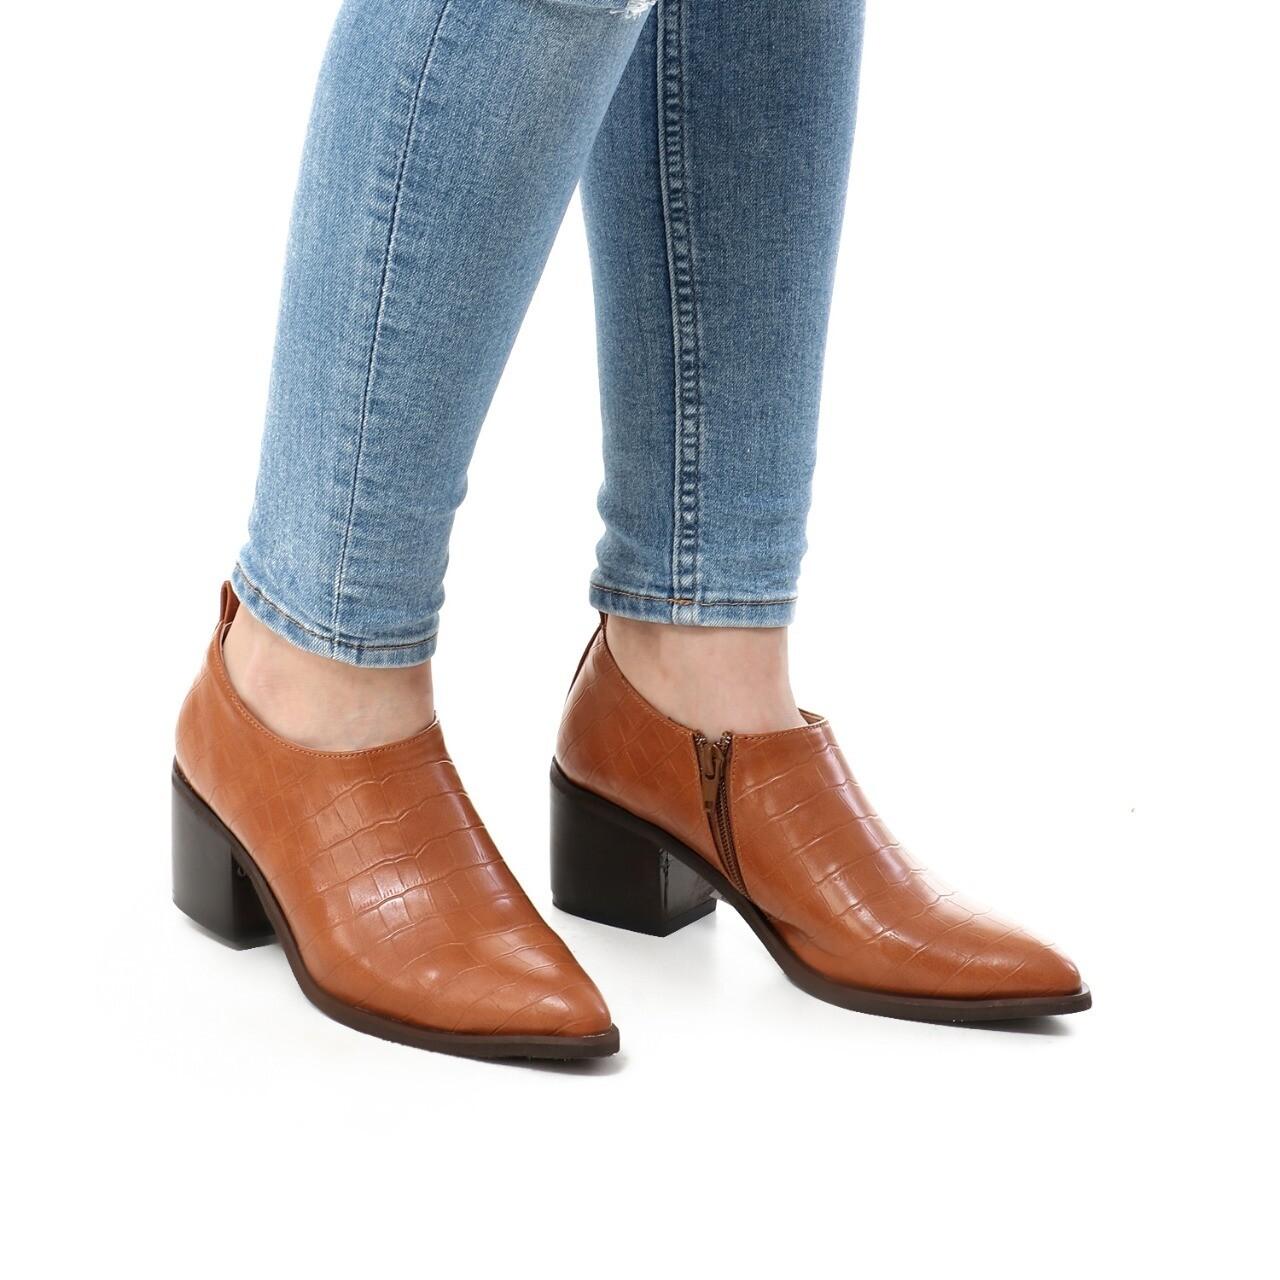 3742 Shoes - Camel